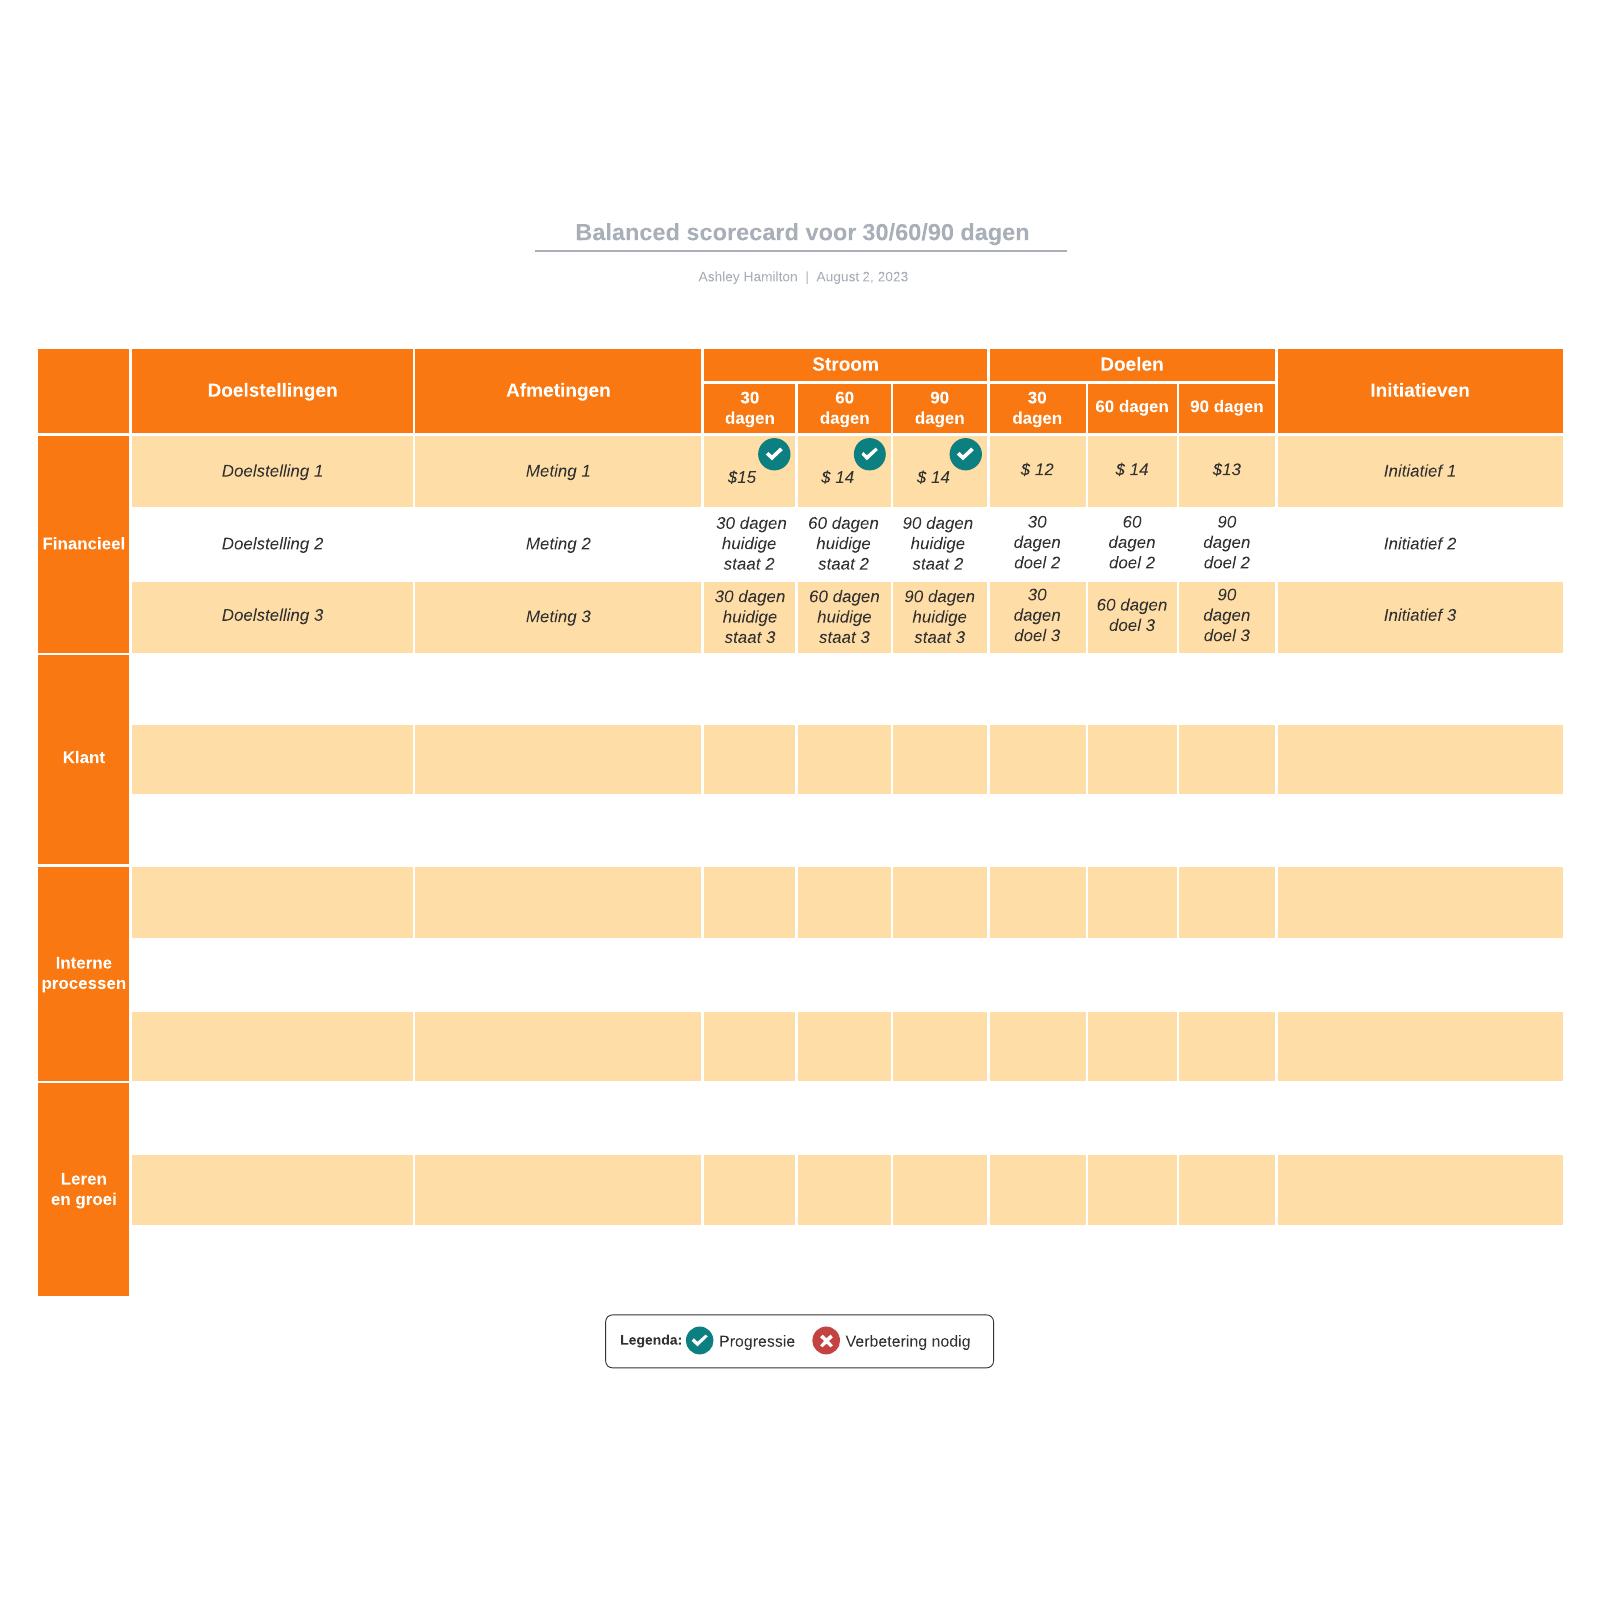 Balanced scorecard voor 30/60/90 dagen